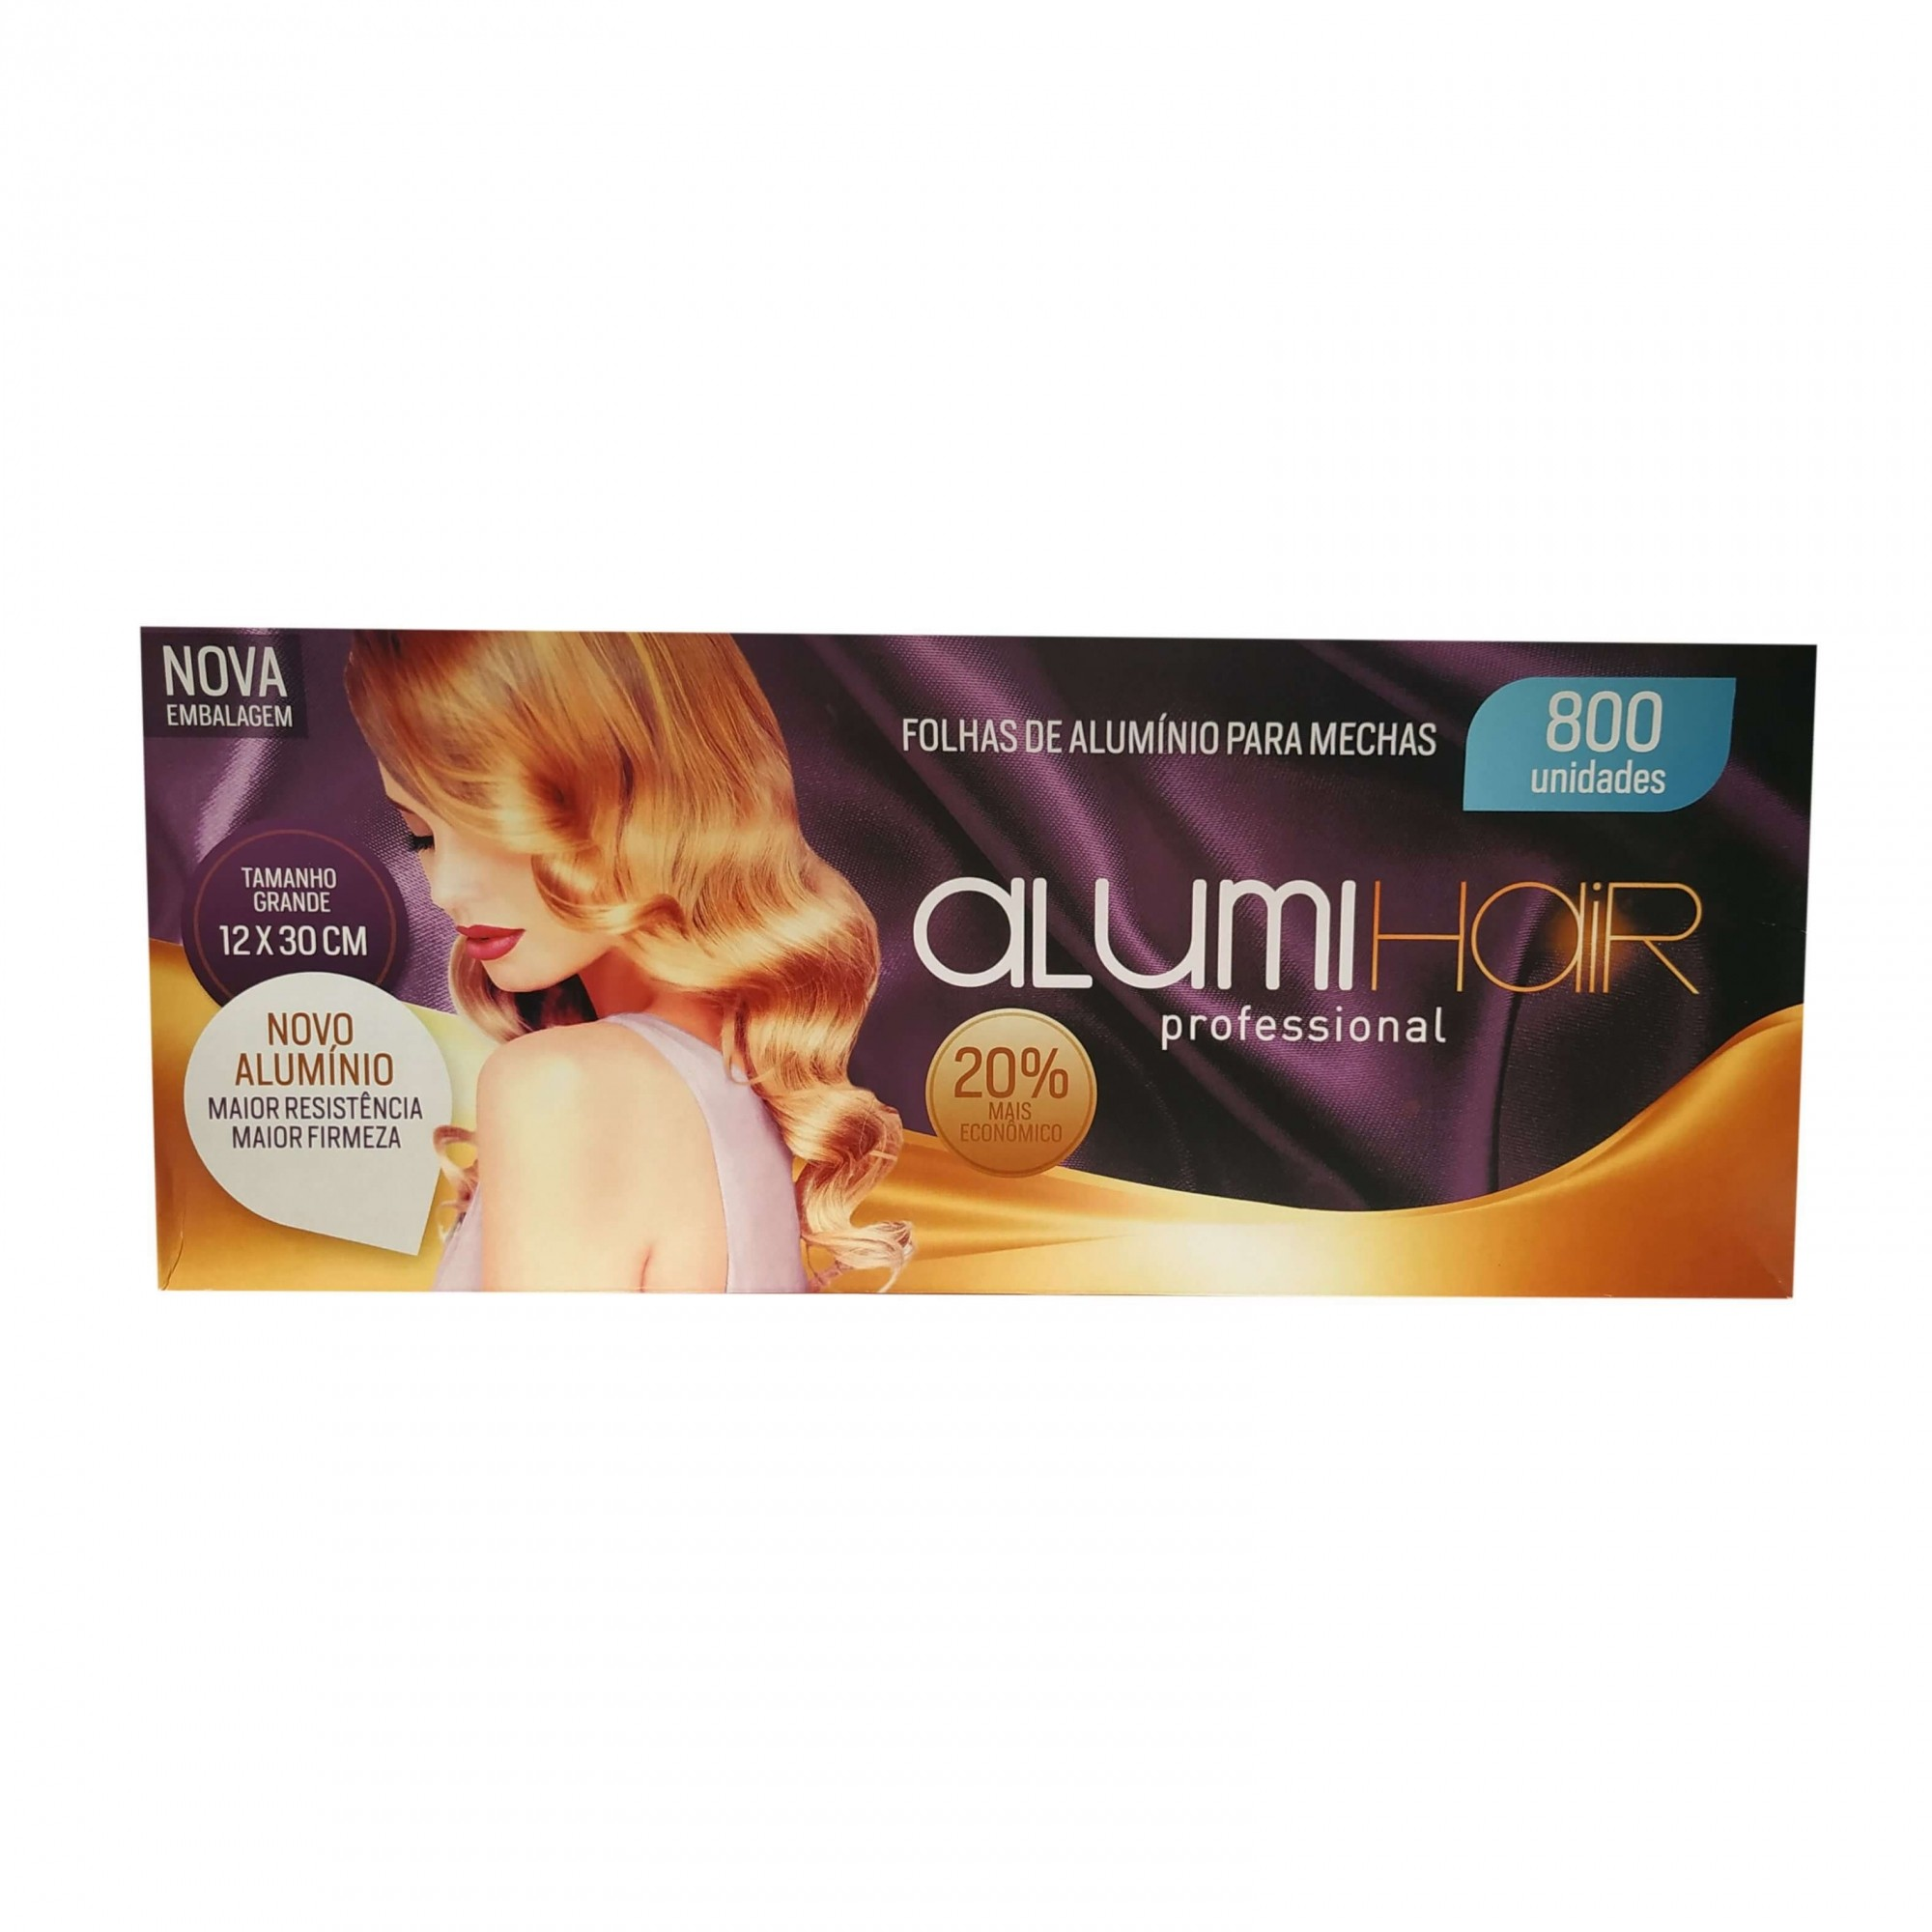 Folhas de Alumínio para Mechas Alumi Hair 800 unidades